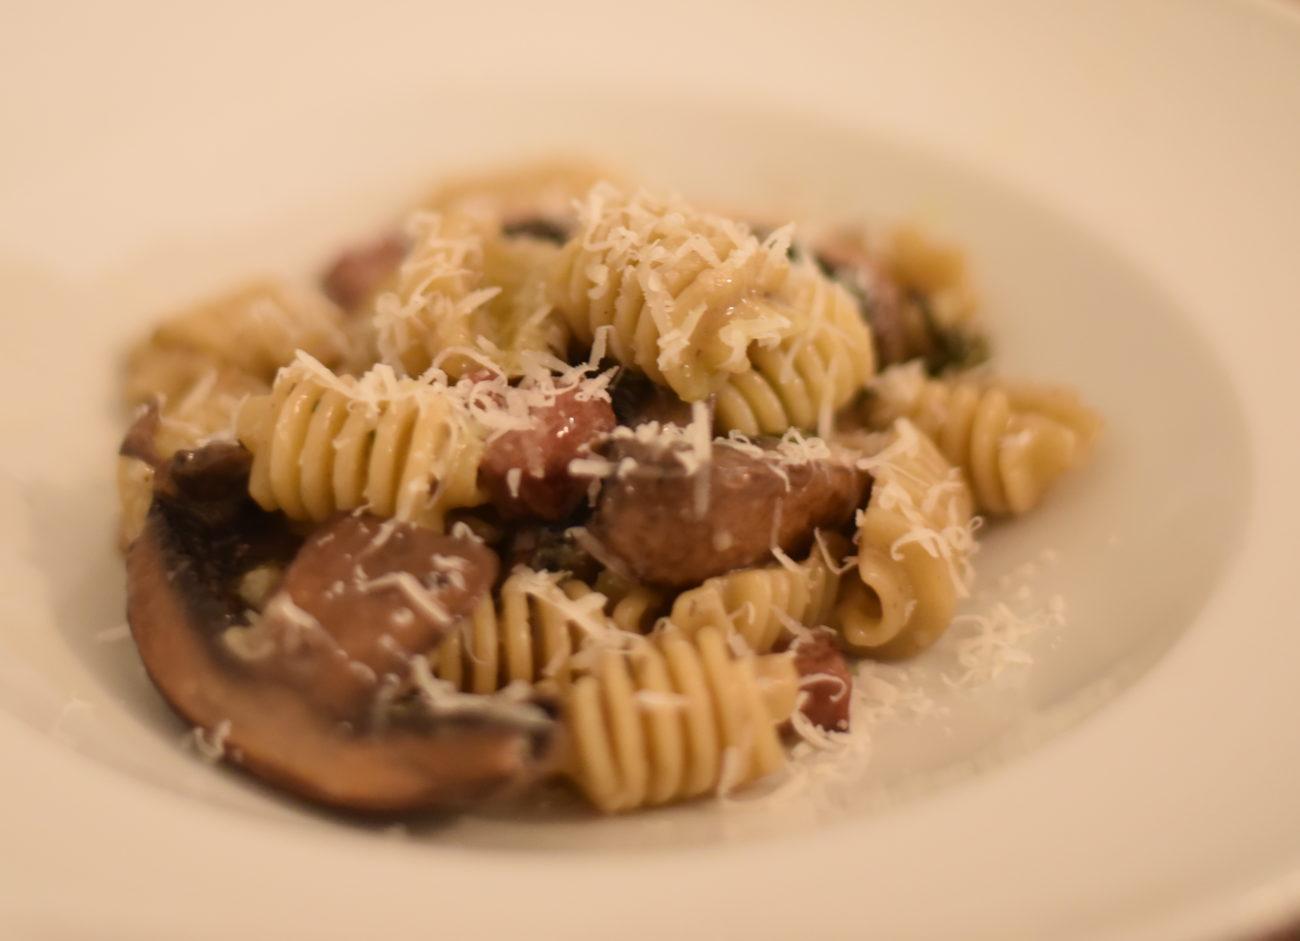 Radiatori Duck and Mushroom Pasta